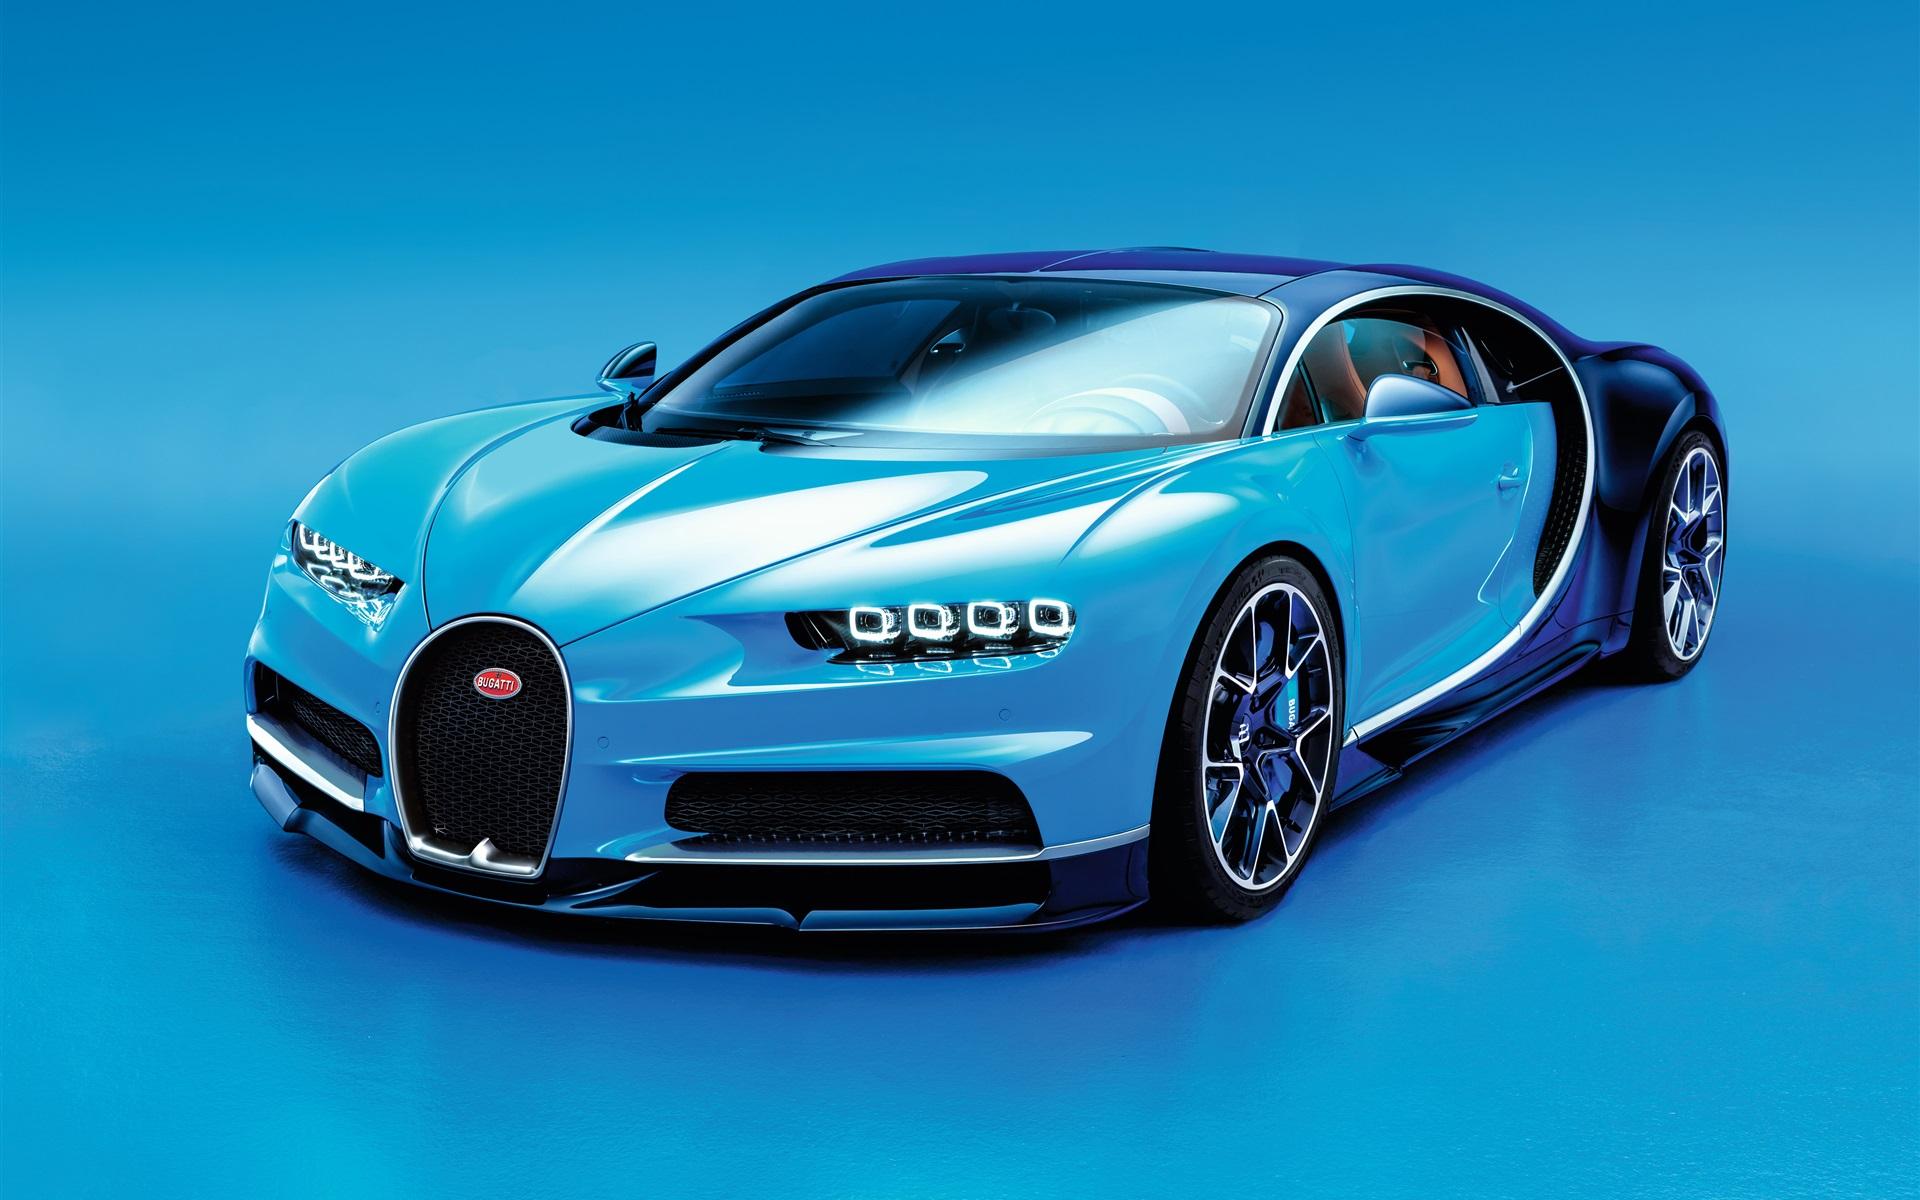 布加迪凯龙蓝色超级跑车 壁纸